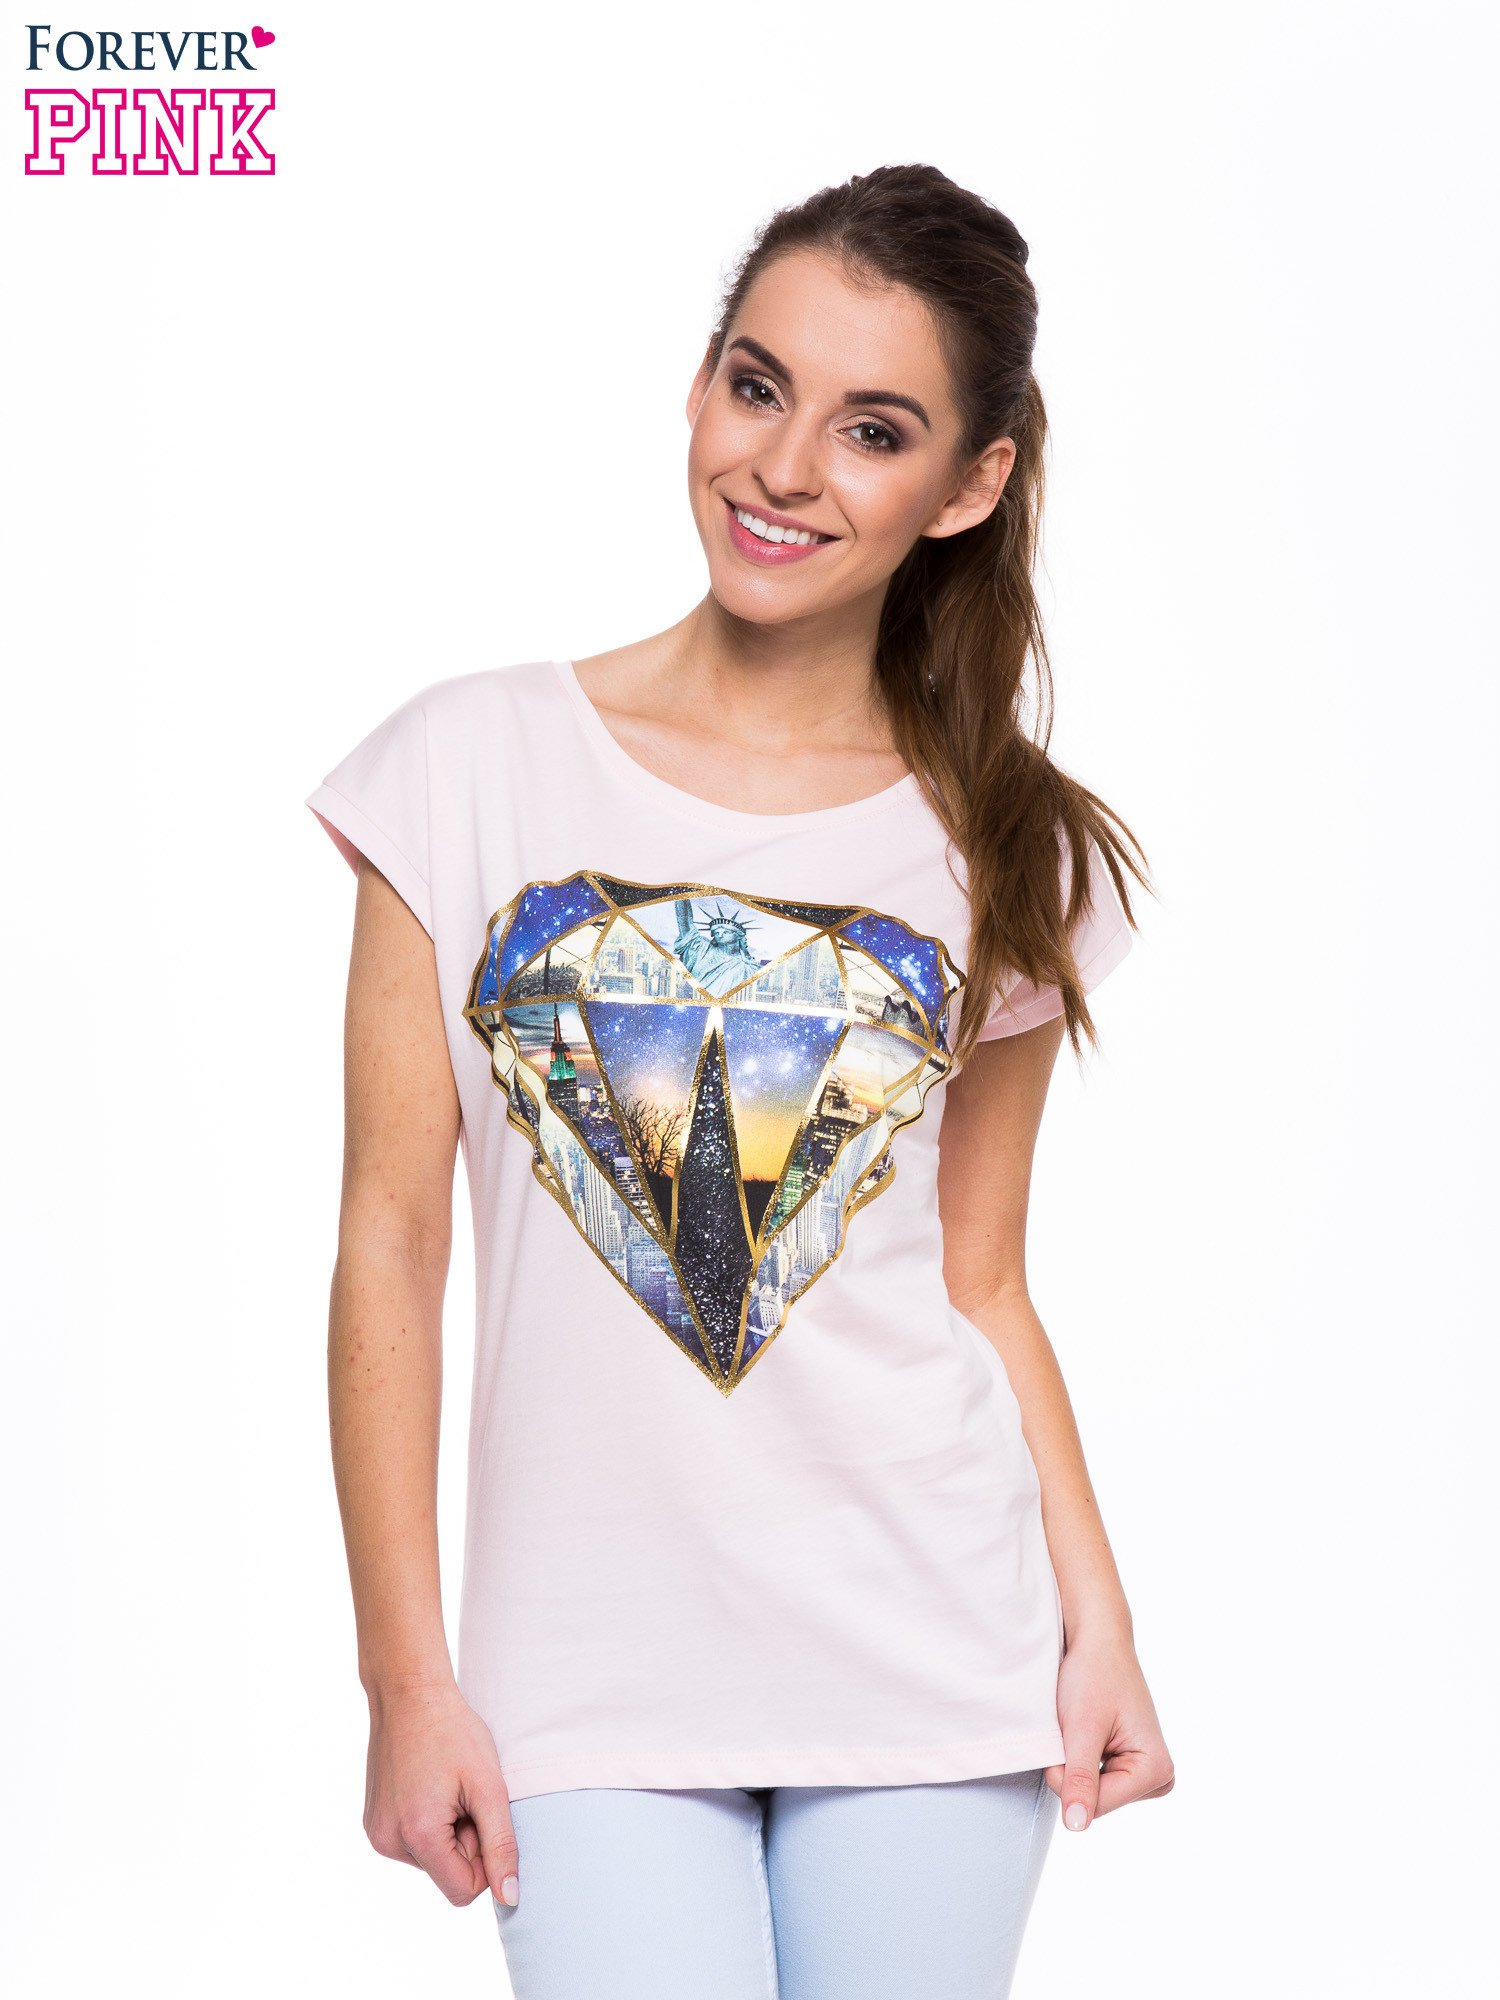 Jasnoróżowy t-shirt z nadrukiem miast                                  zdj.                                  1